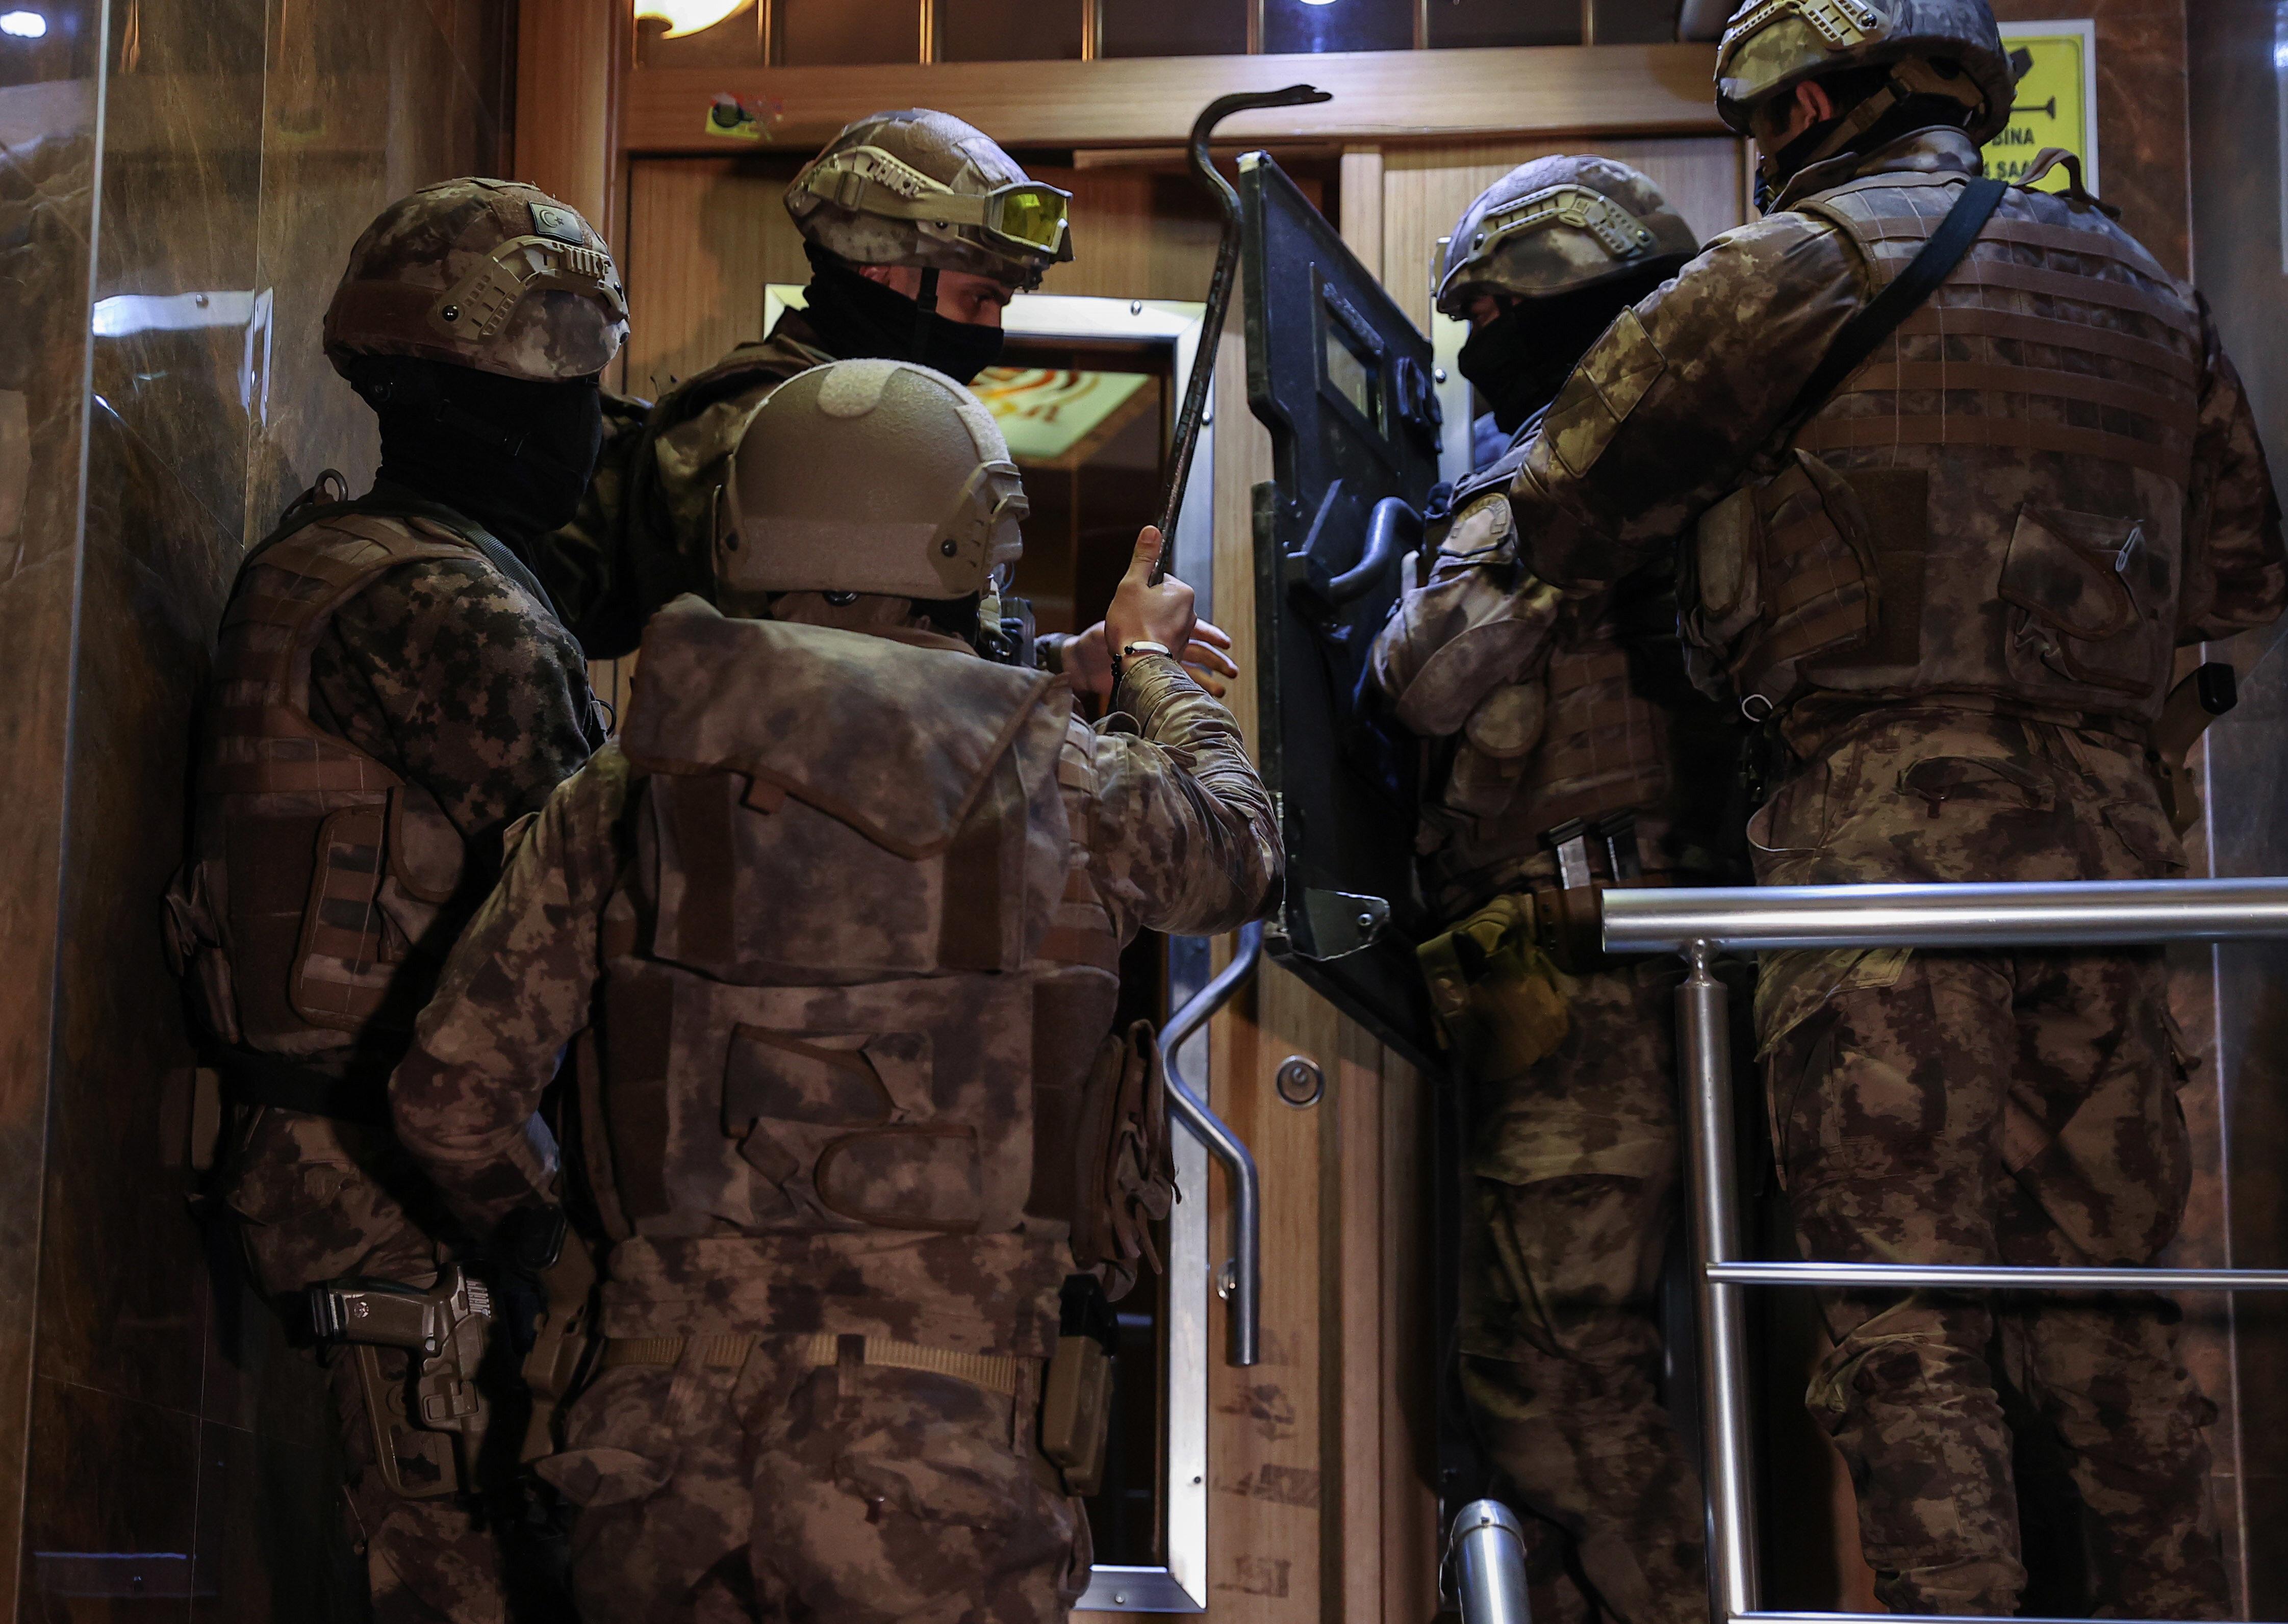 Sedat Peker'in elebaşı olduğu belirtilen organize suç örgütüne yönelik operasyon.